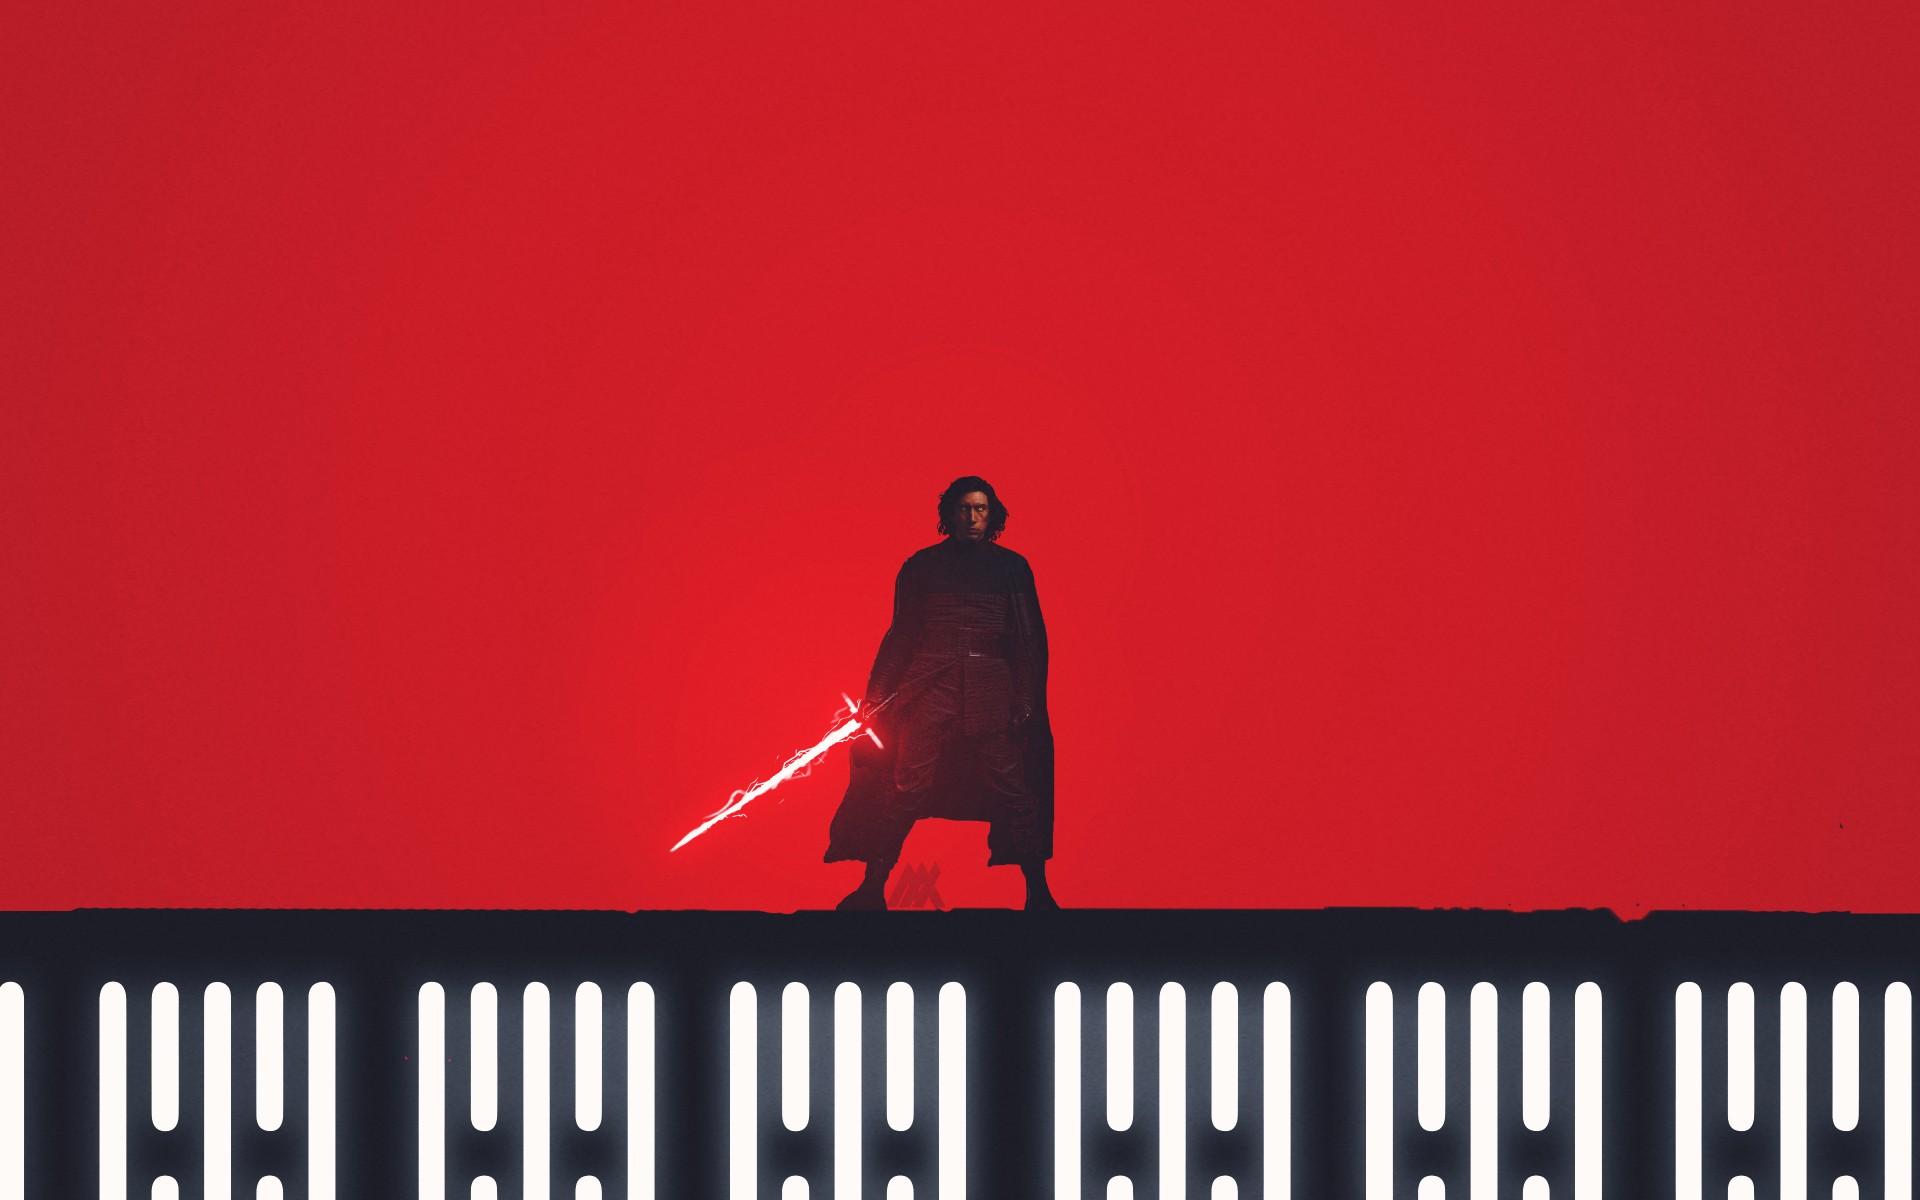 Star Wars The Last Jedi Wallpaper Iphone X Kylo Ren Star Wars The Last Jedi Artwork 4k Wallpapers